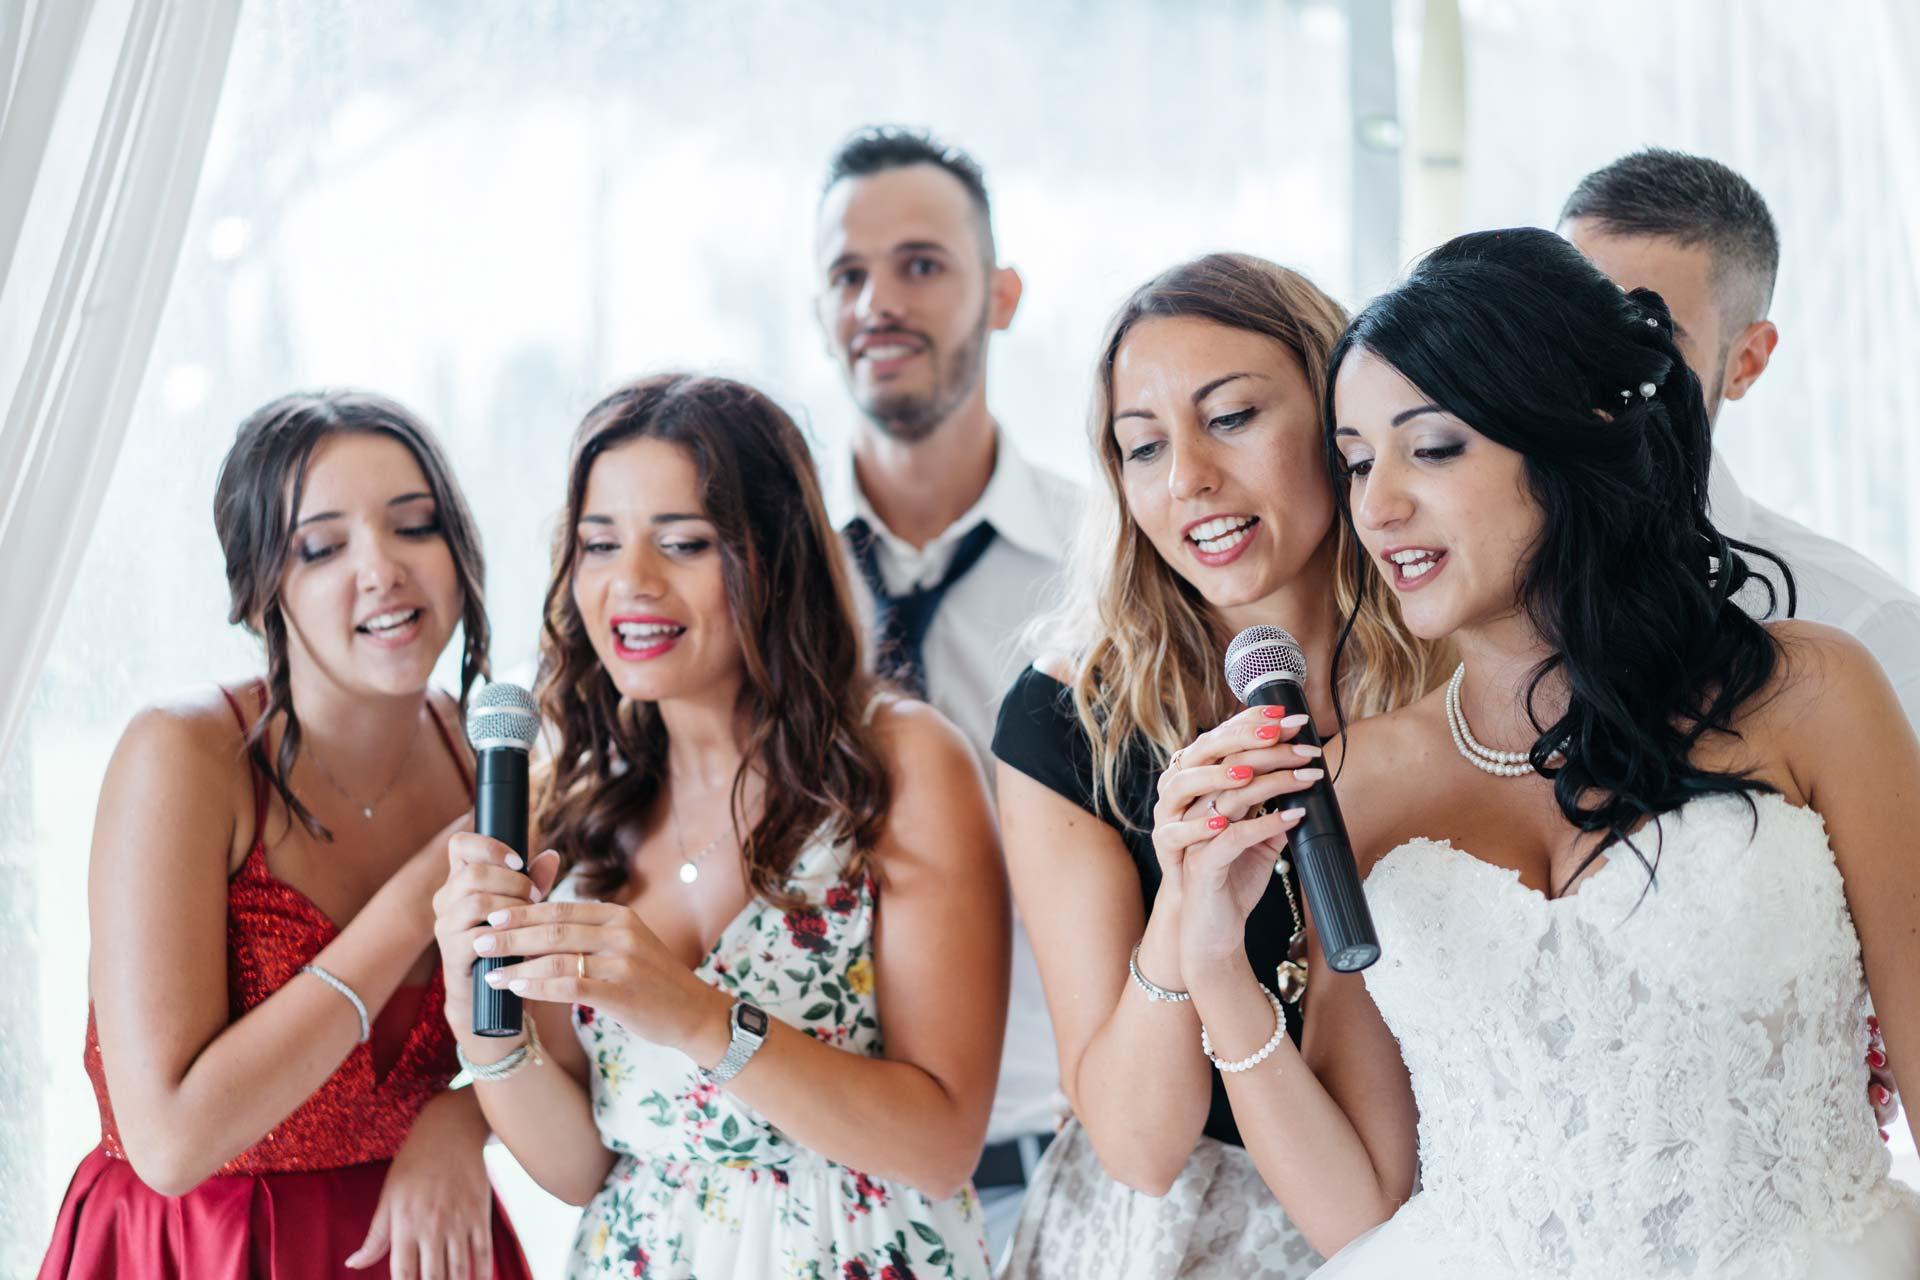 fotoreportage-di-matrimonio-roma-f&a-1-simone-nunzi